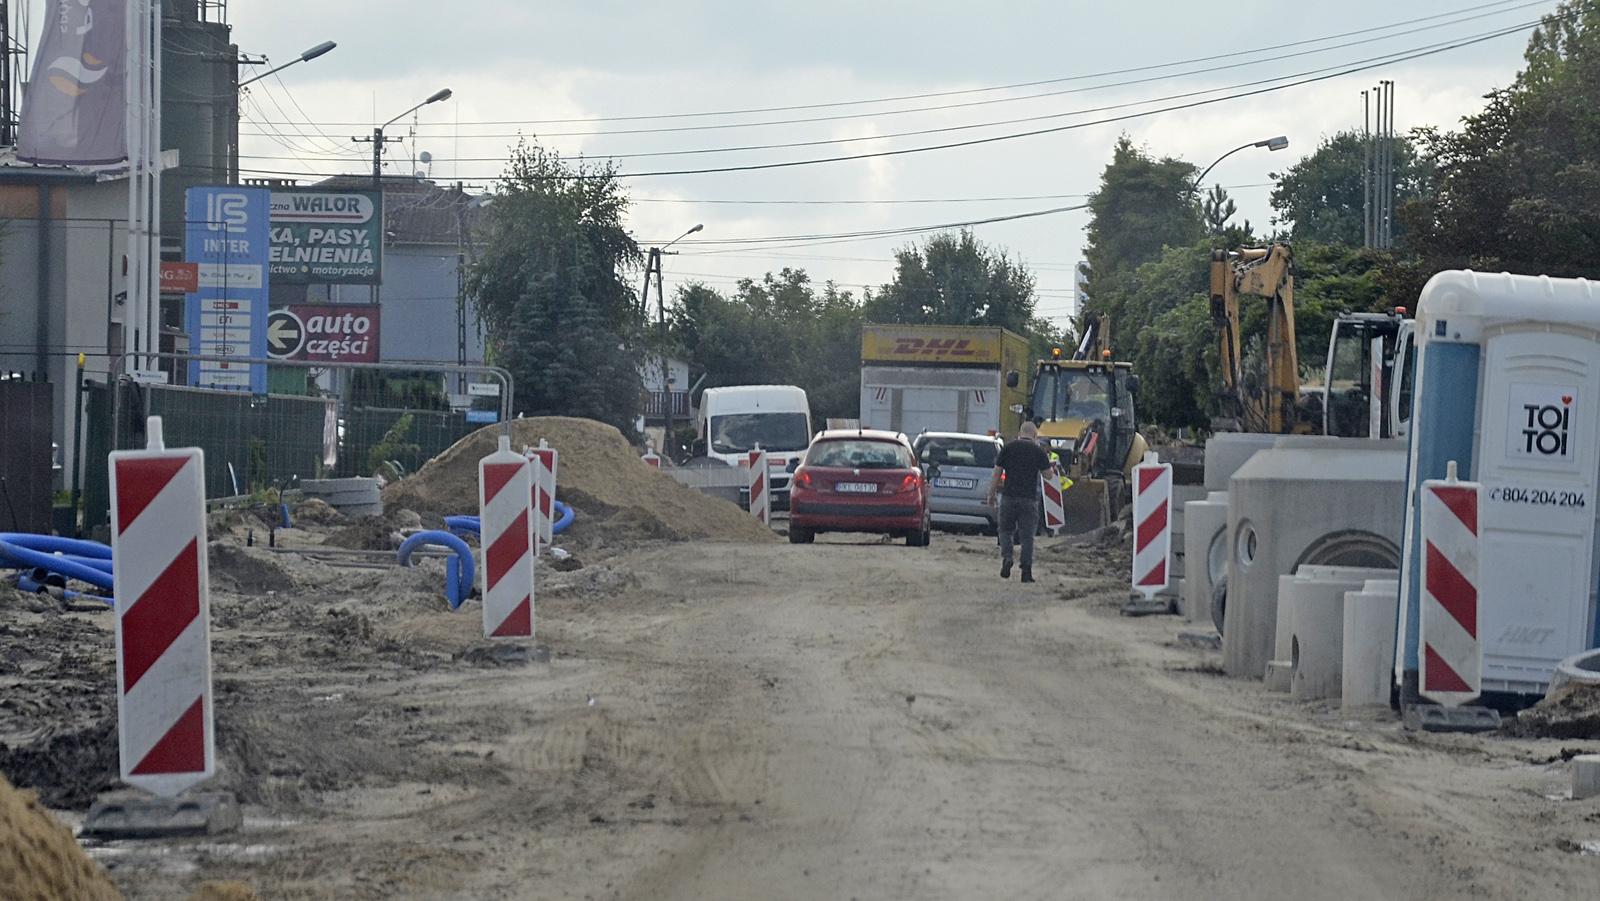 Remont ulicy Handlowej w Kolbuszowej. Radny: Nikt nad tym nie panuje! - Zdjęcie główne